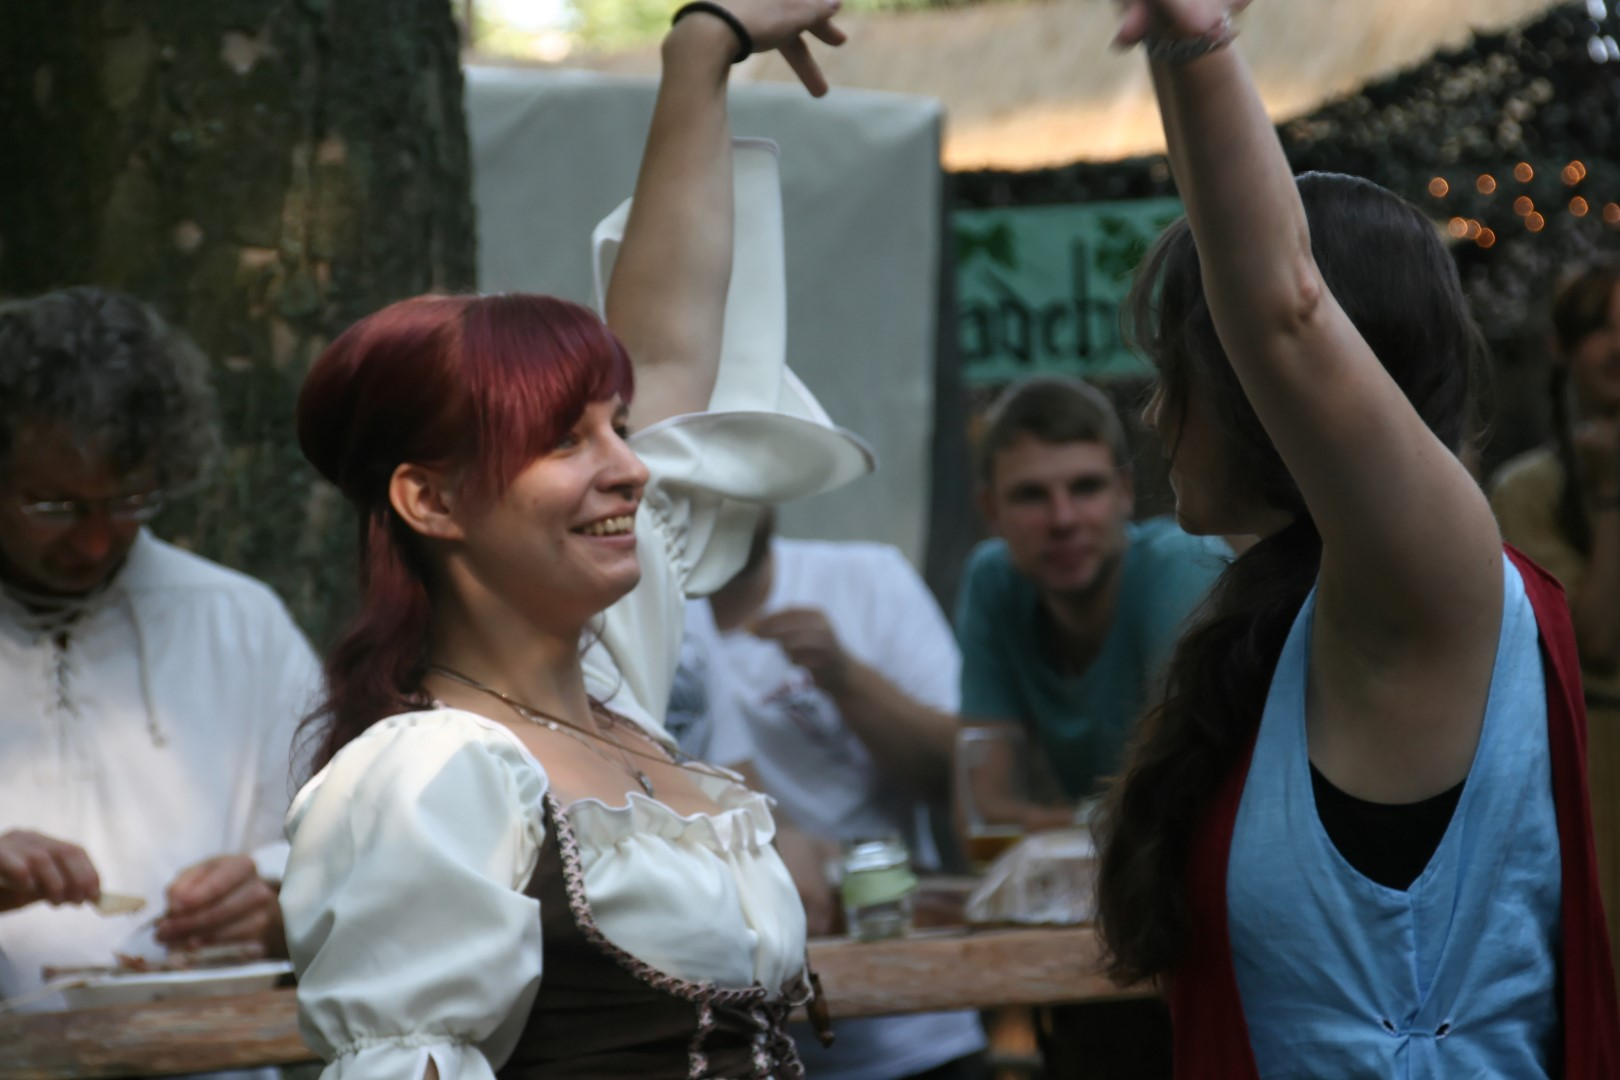 img_1356mittelalterliche_hofepark_zu_schoenbach